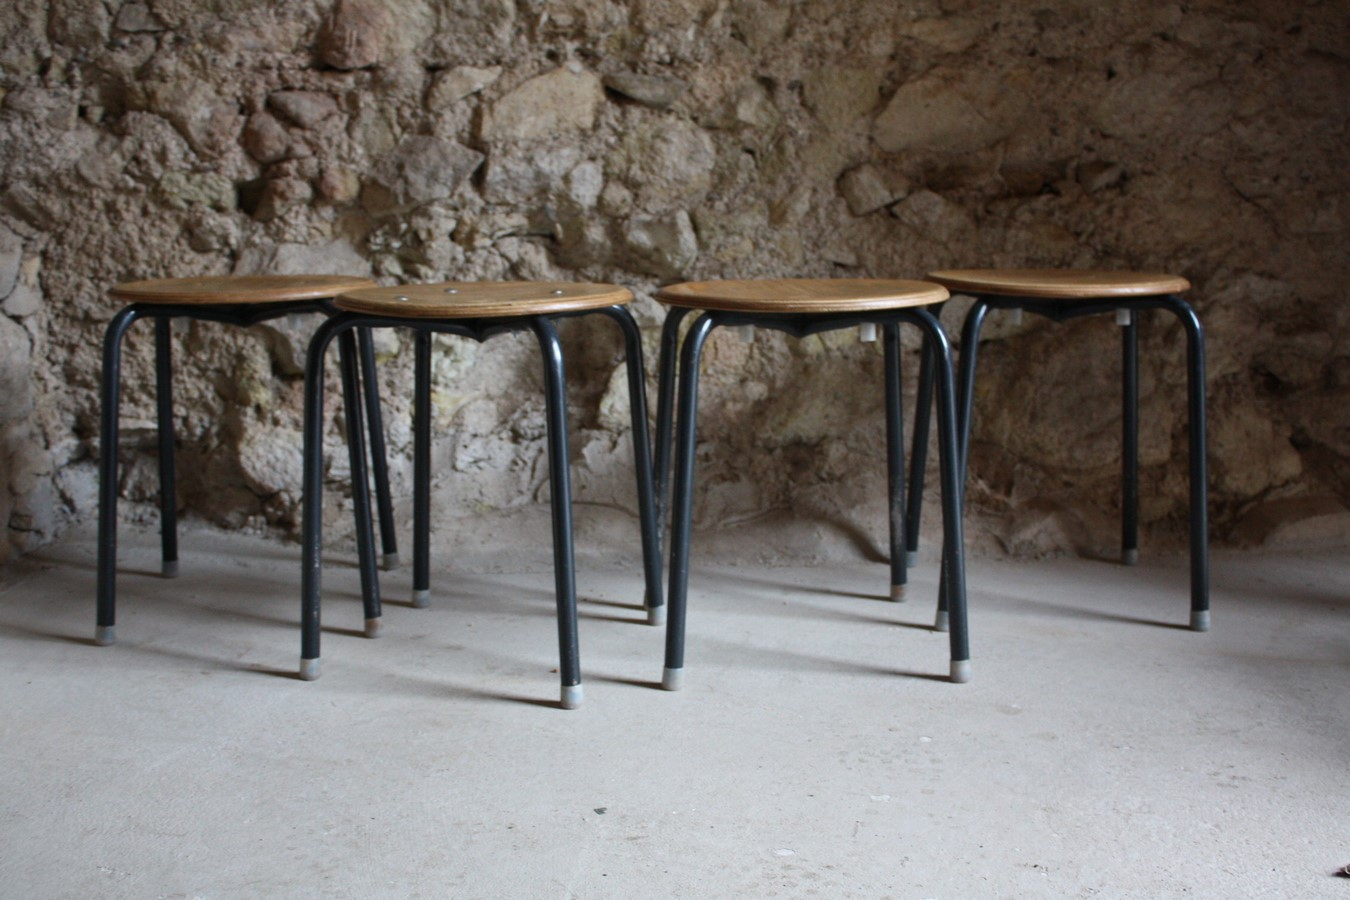 werkstatt-hocker-industrie-design-bauhaus-vintage-loft-1